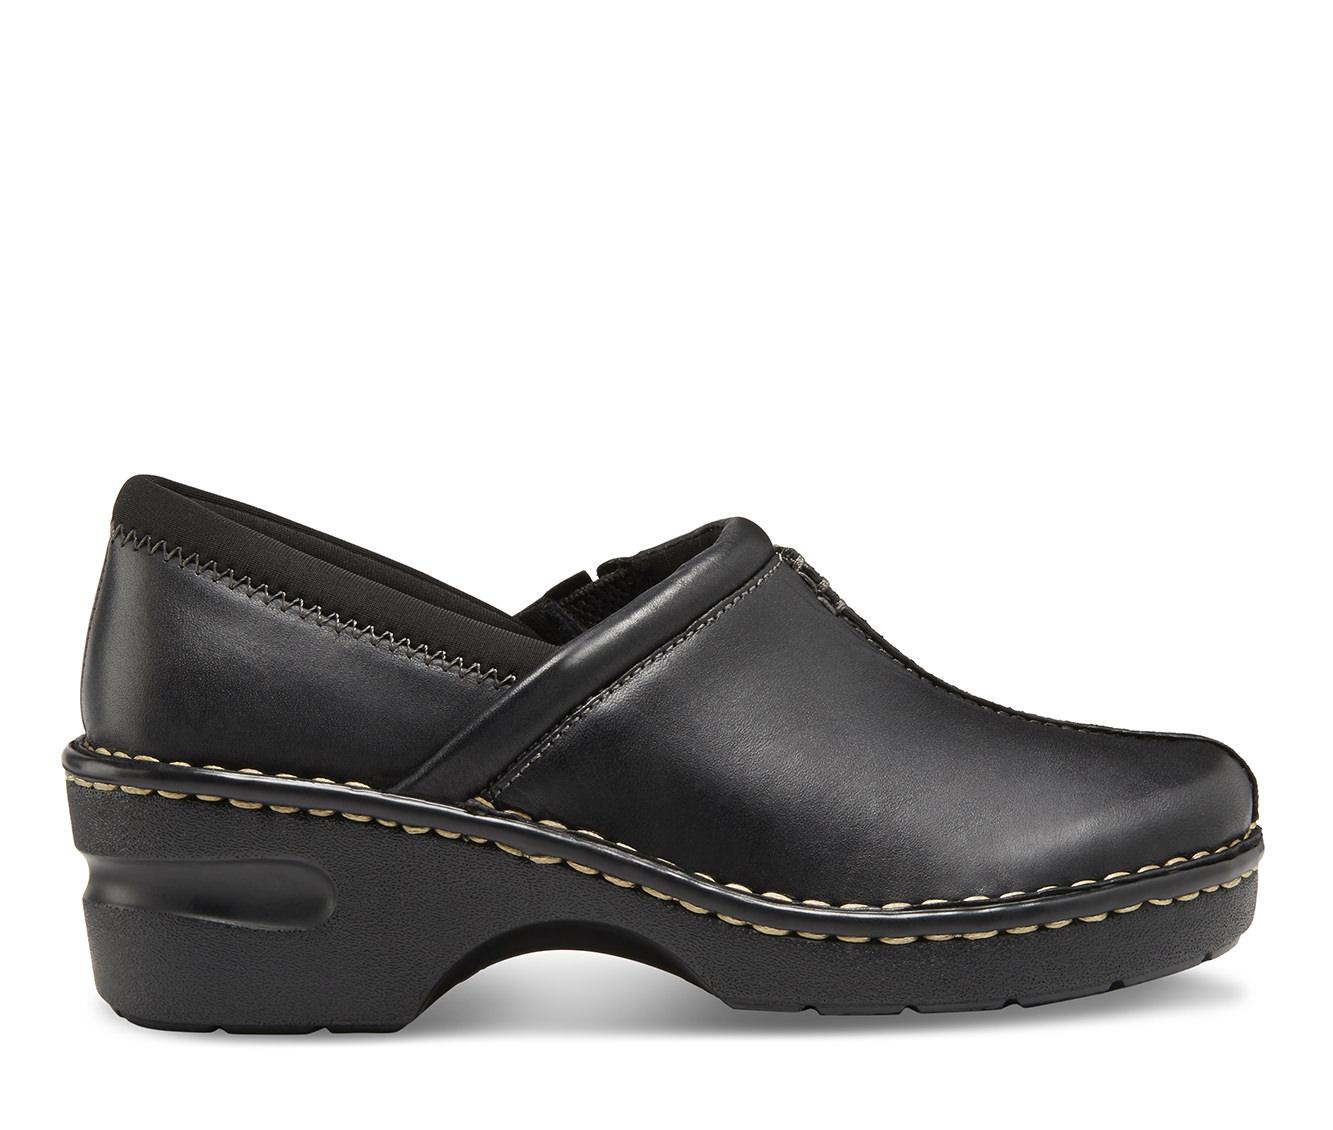 Eastland Kelsey Women's Shoe (Black Leather)